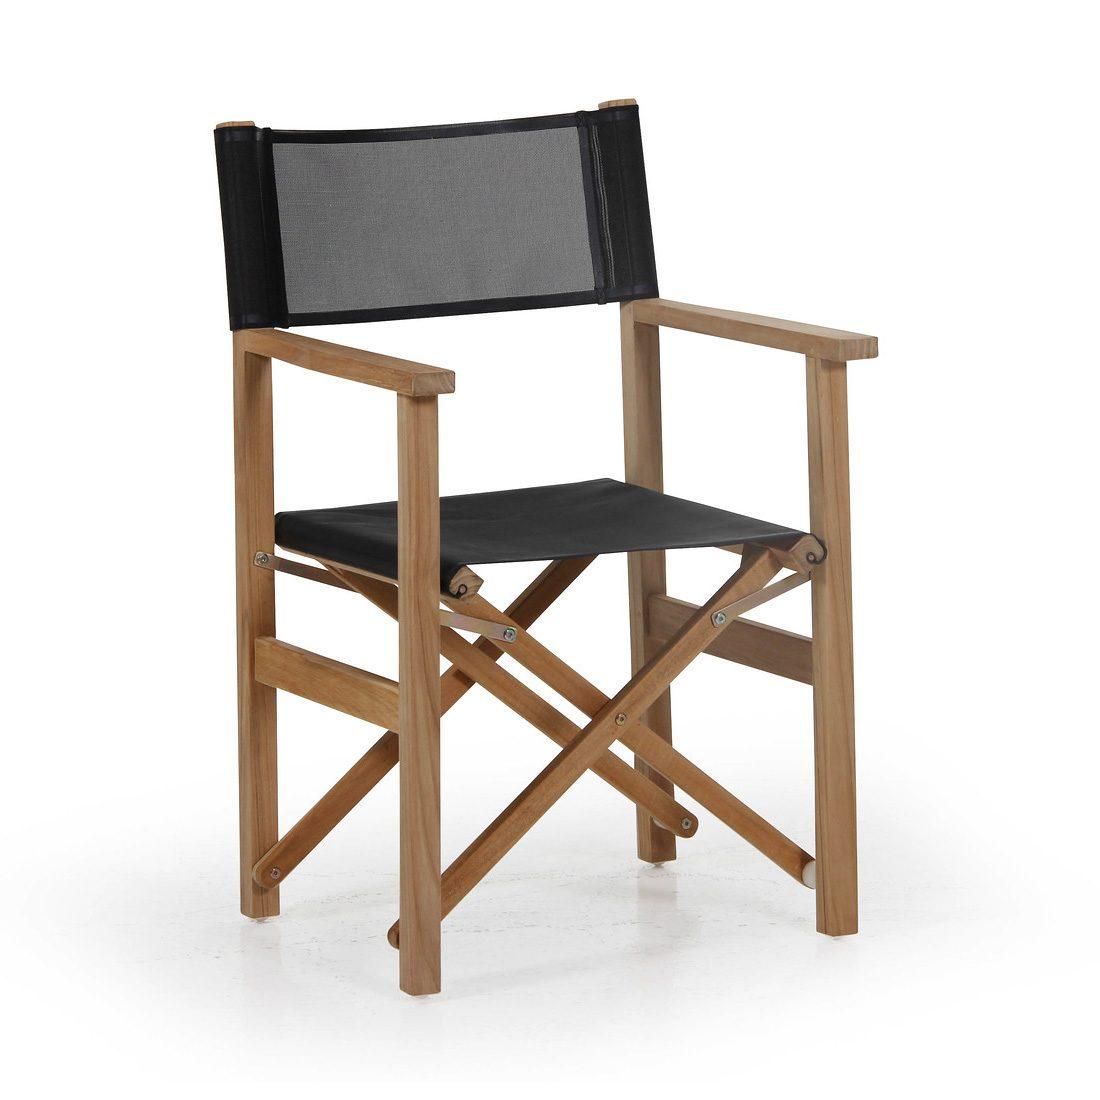 Drama regisörsstol från Brafab.